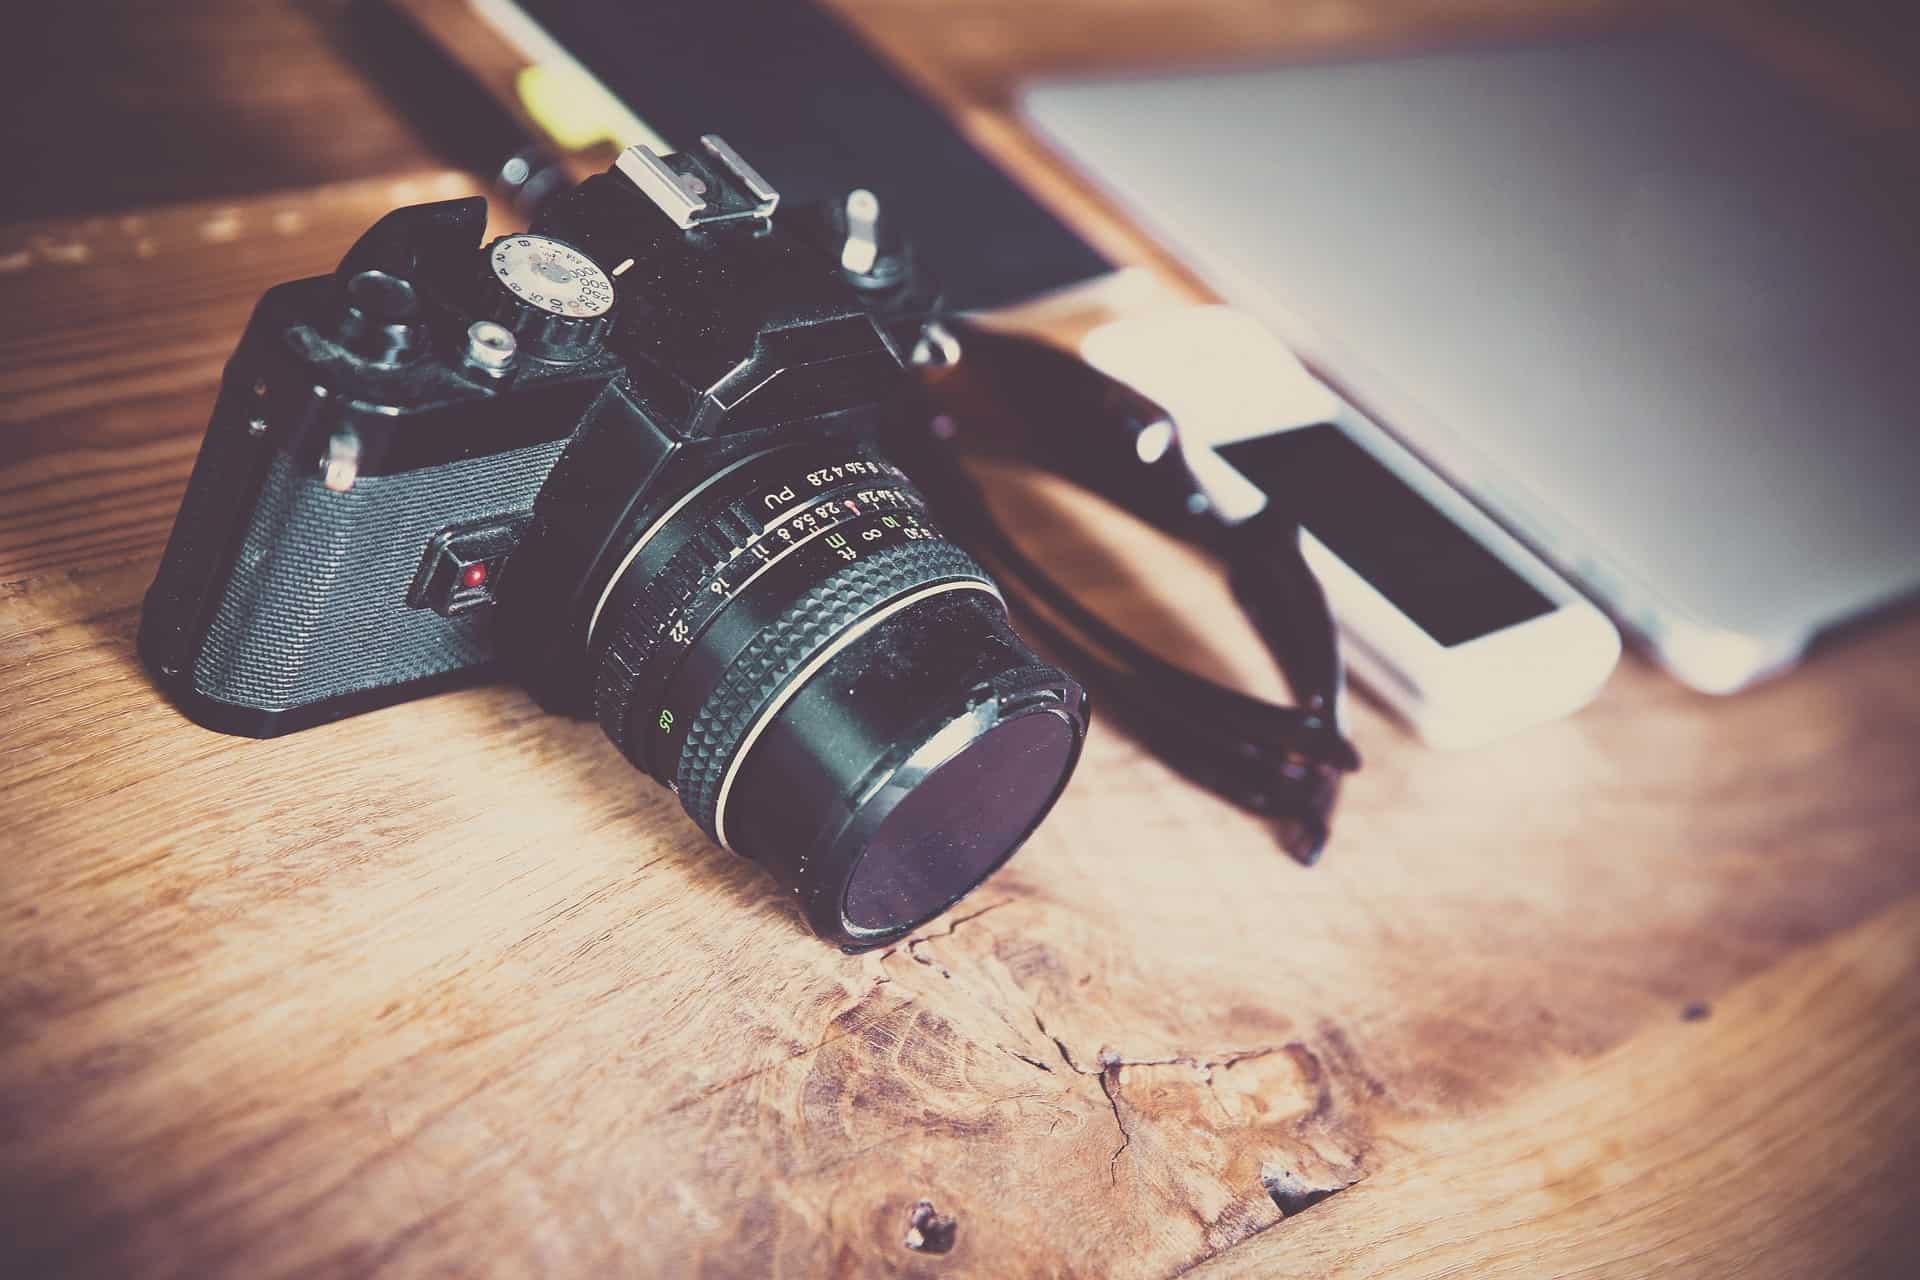 Kameratasche: Test & Empfehlungen (11/20)